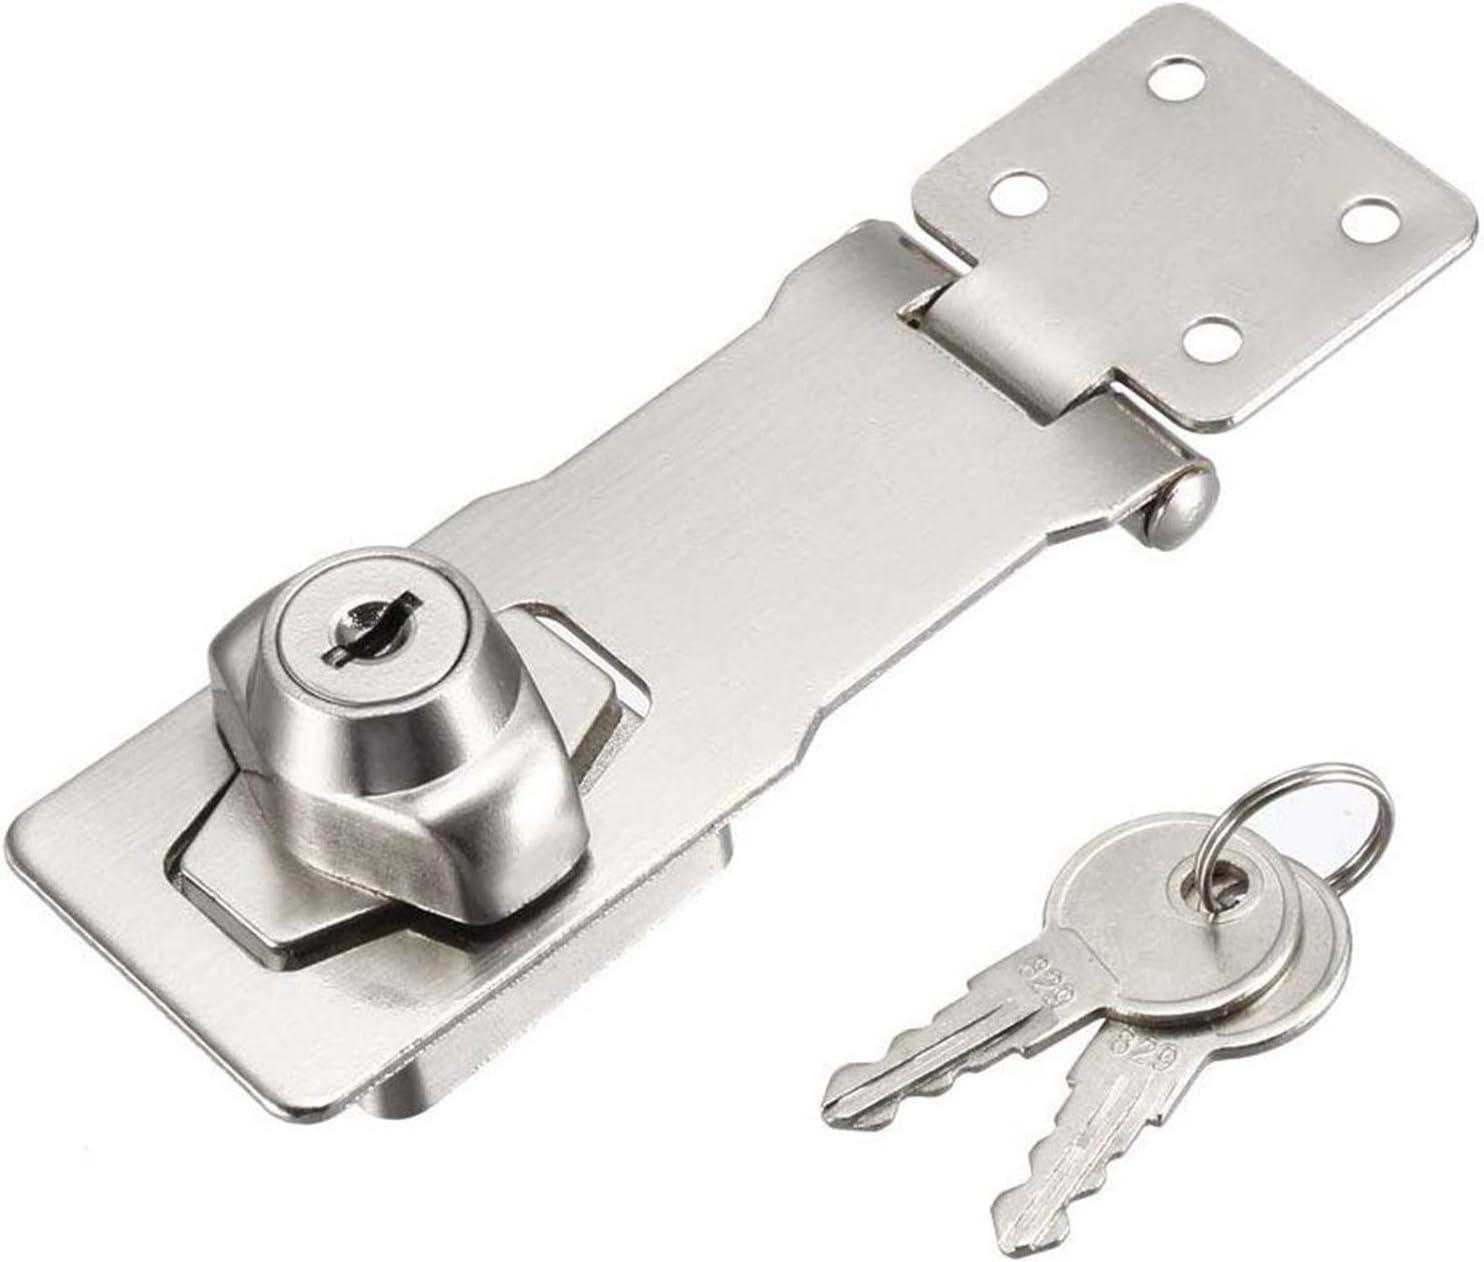 Mittlere Sicherheits-/Überfalle /Überfalle abschlie/ßbar Schublade Schrank Locks Vorh/ängeschloss /Überfalle Lock Cam Lock Tor Riegel Schloss mit Schrauben